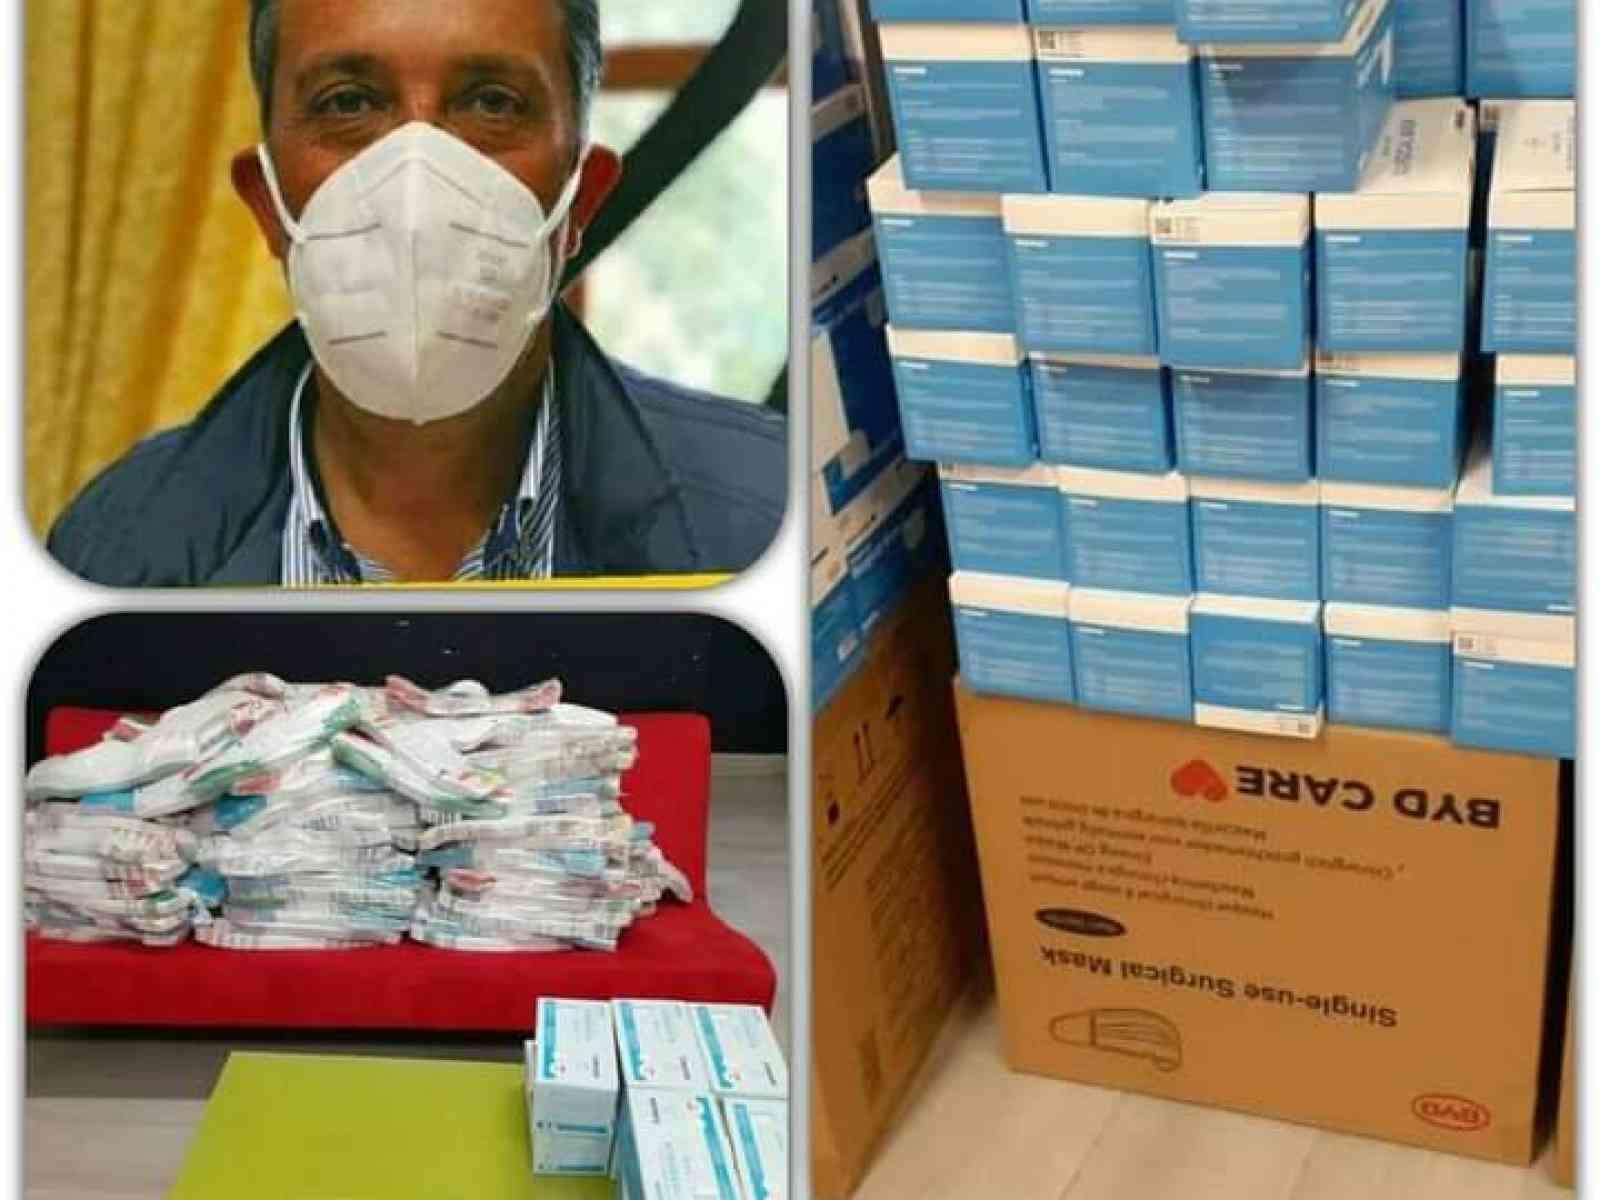 Immagine articolo: A S.Margherita consegnate dal Dipartimento Regionale Protezione Civile consegnate 12.700 mascherine.